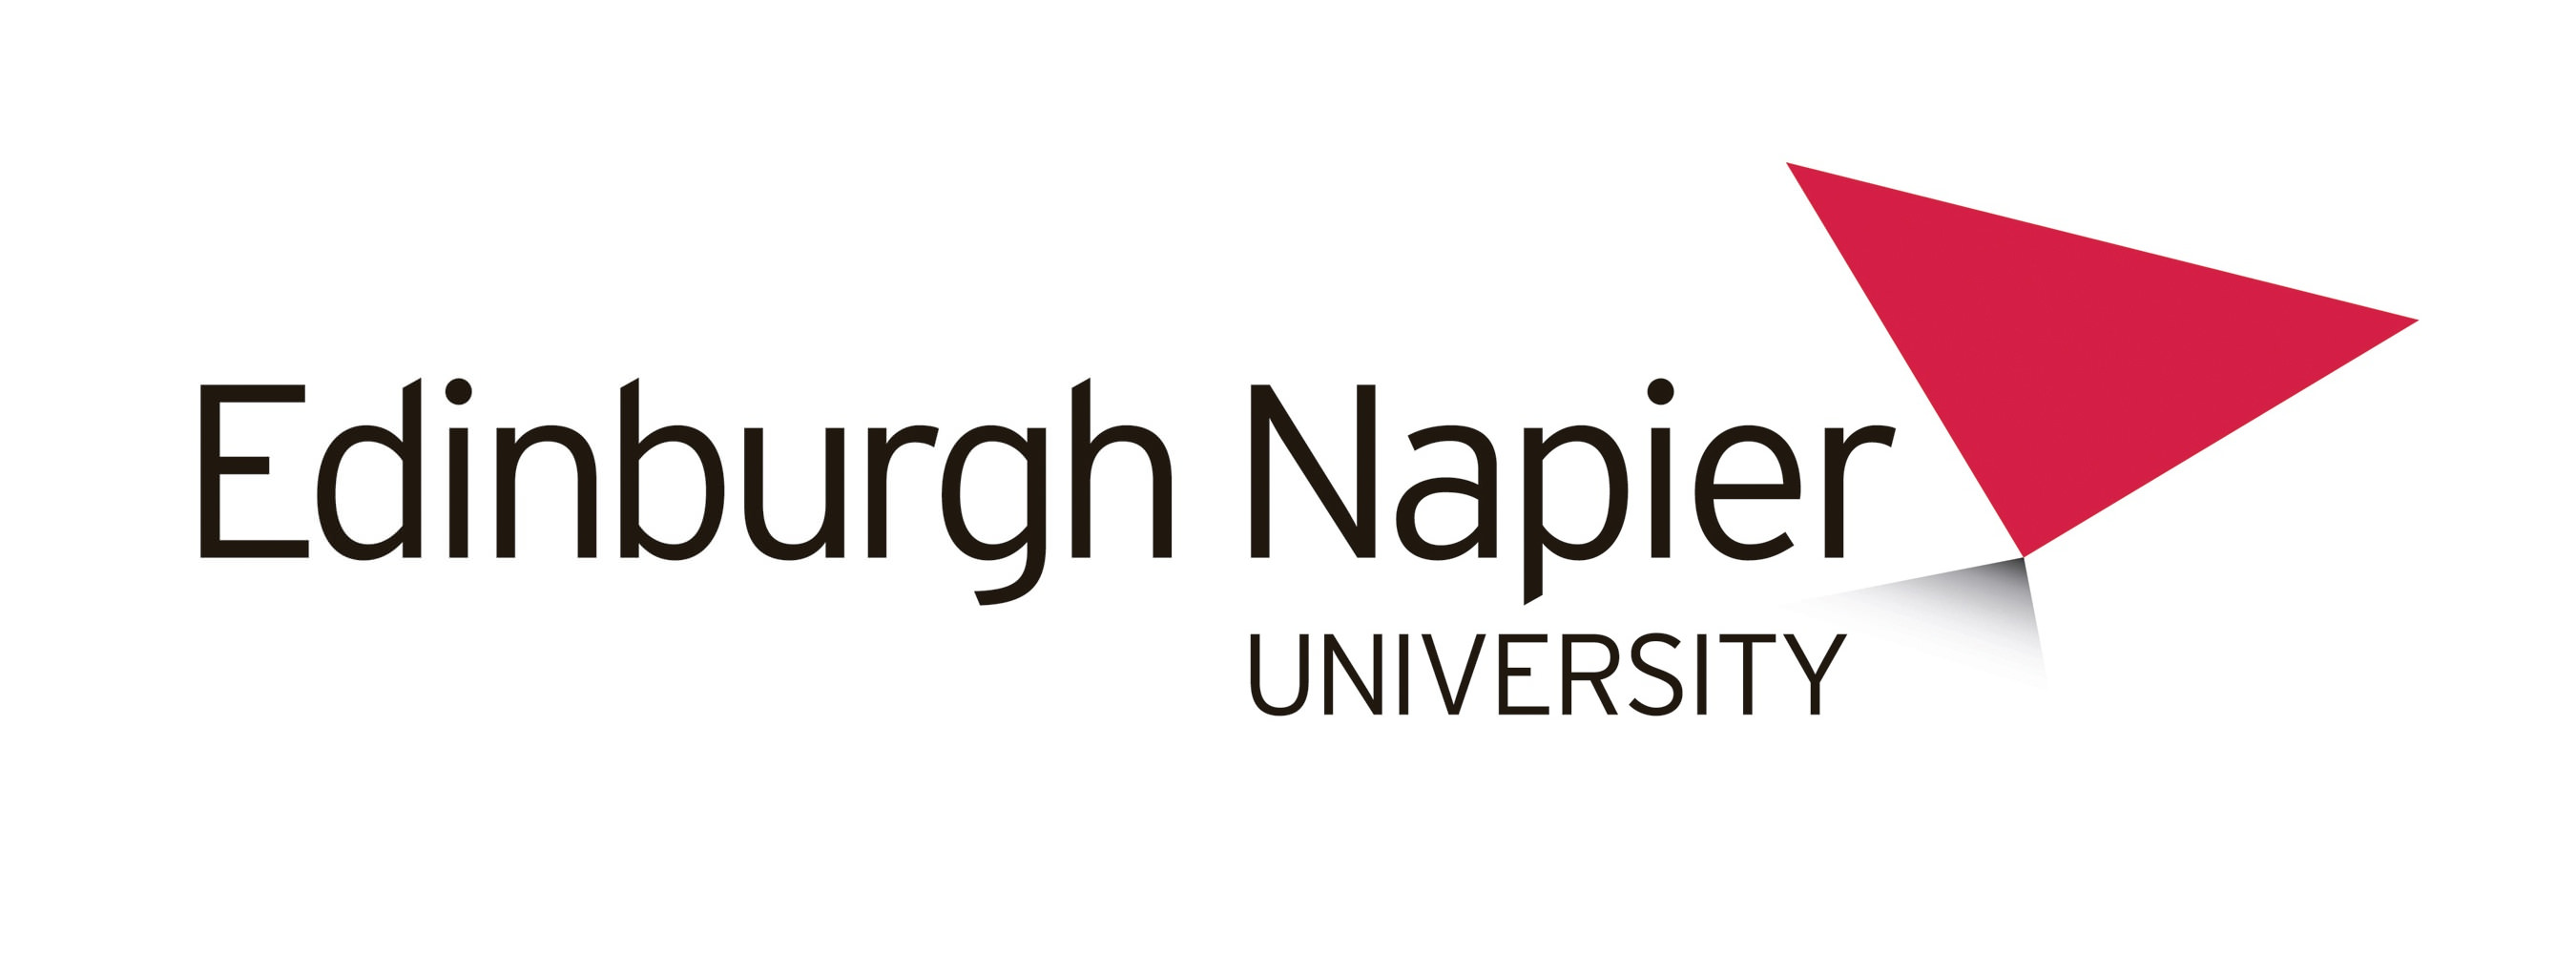 爱丁堡龙比亚大学回国认可度高吗?